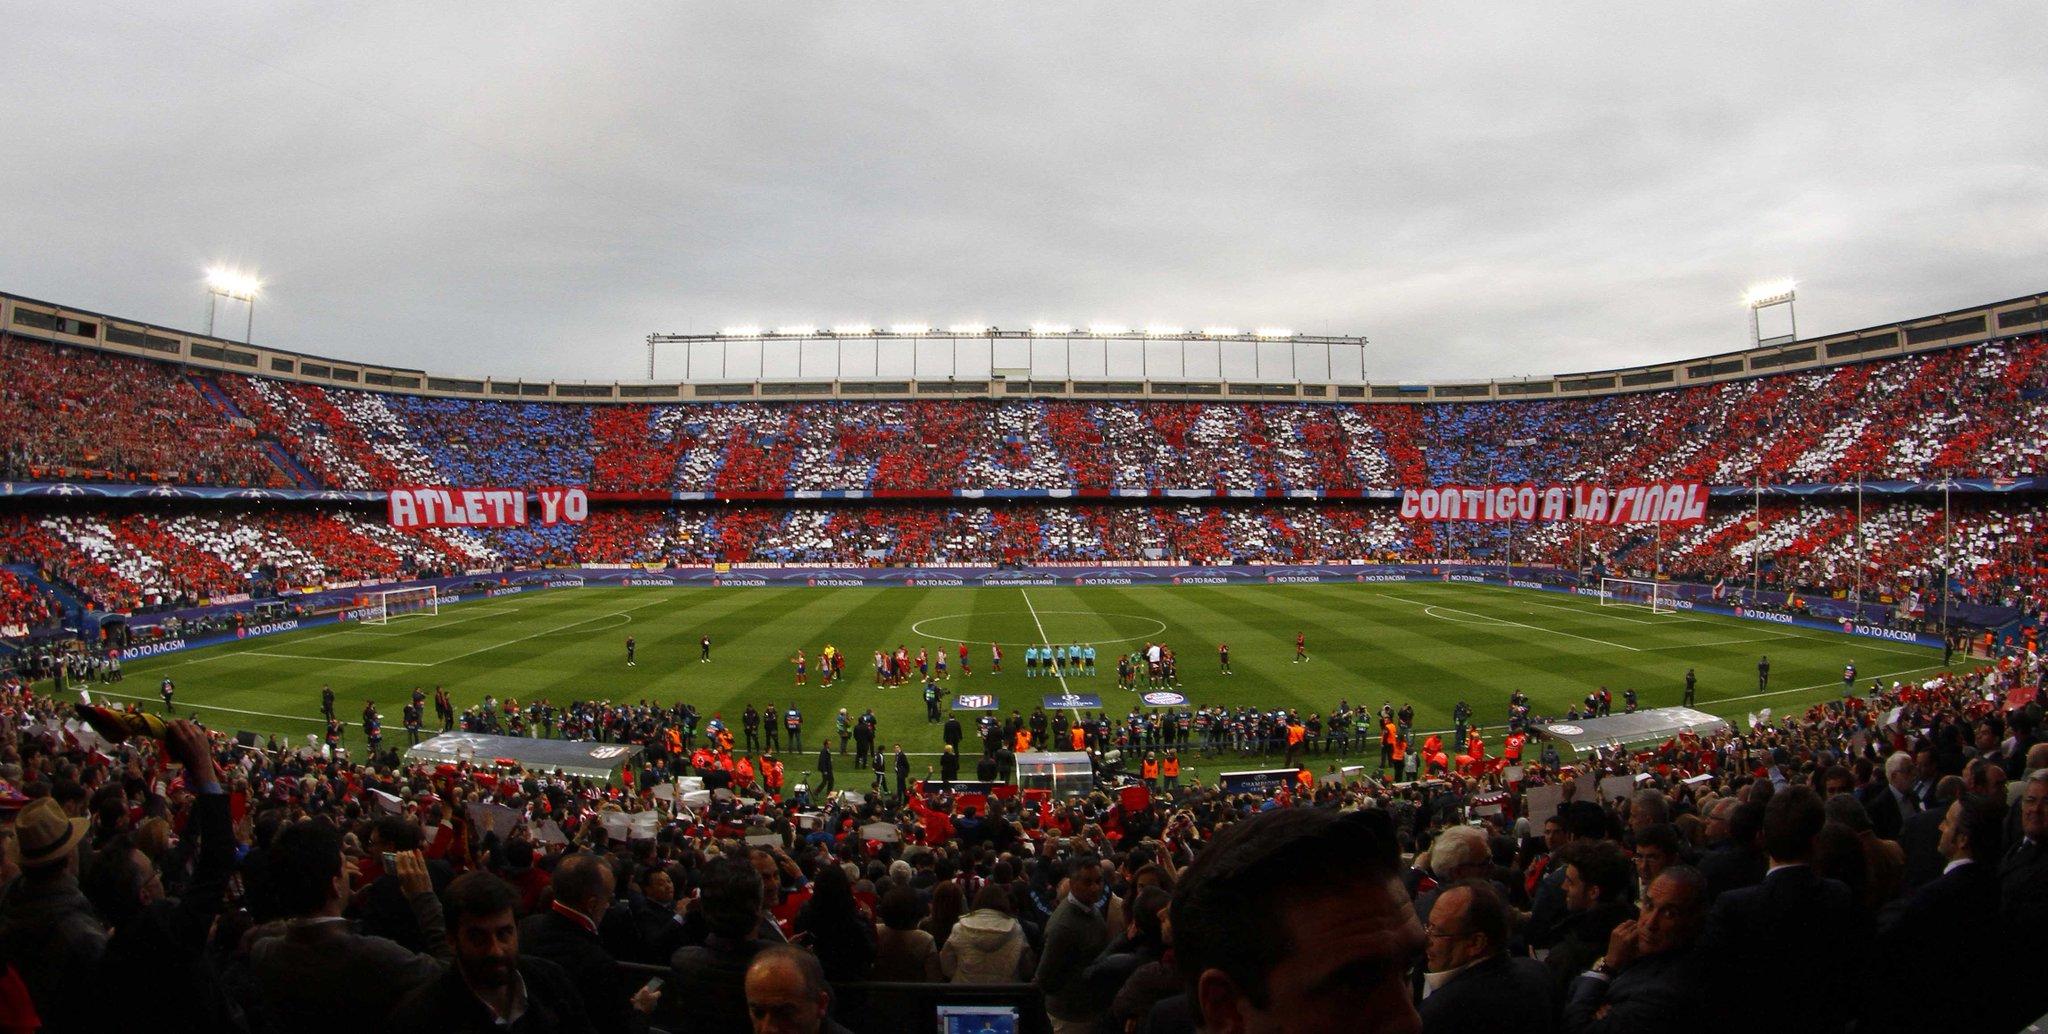 Te Amo. Яркие трибуны Висенте Кальдерон перед матчем Атлетико - Бавария - изображение 1